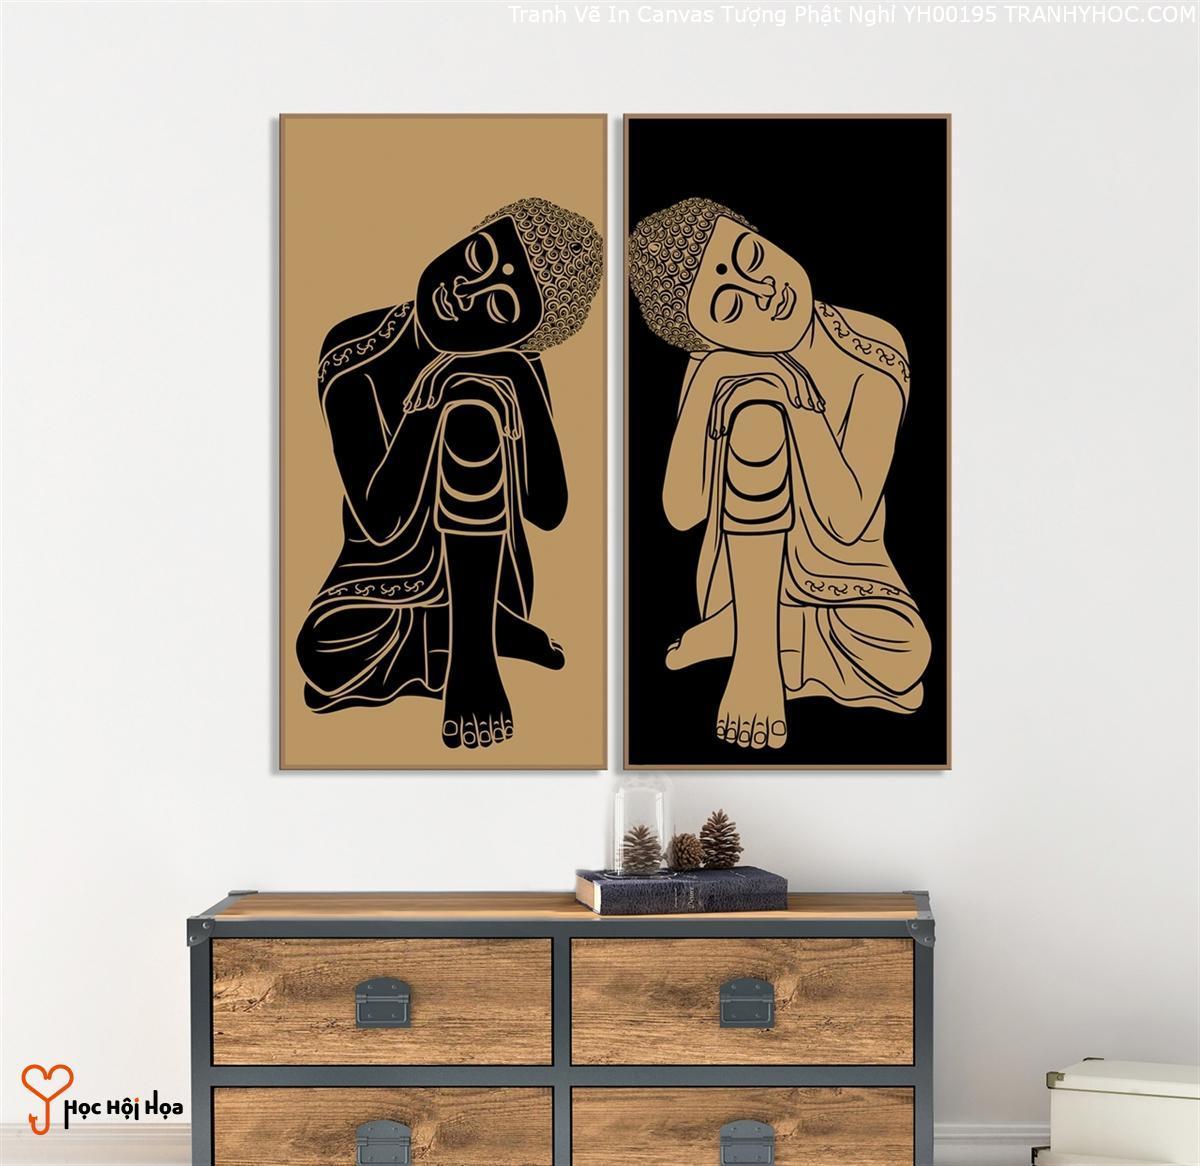 Tranh Vẽ In Canvas Tượng Phật Nghỉ YH00195